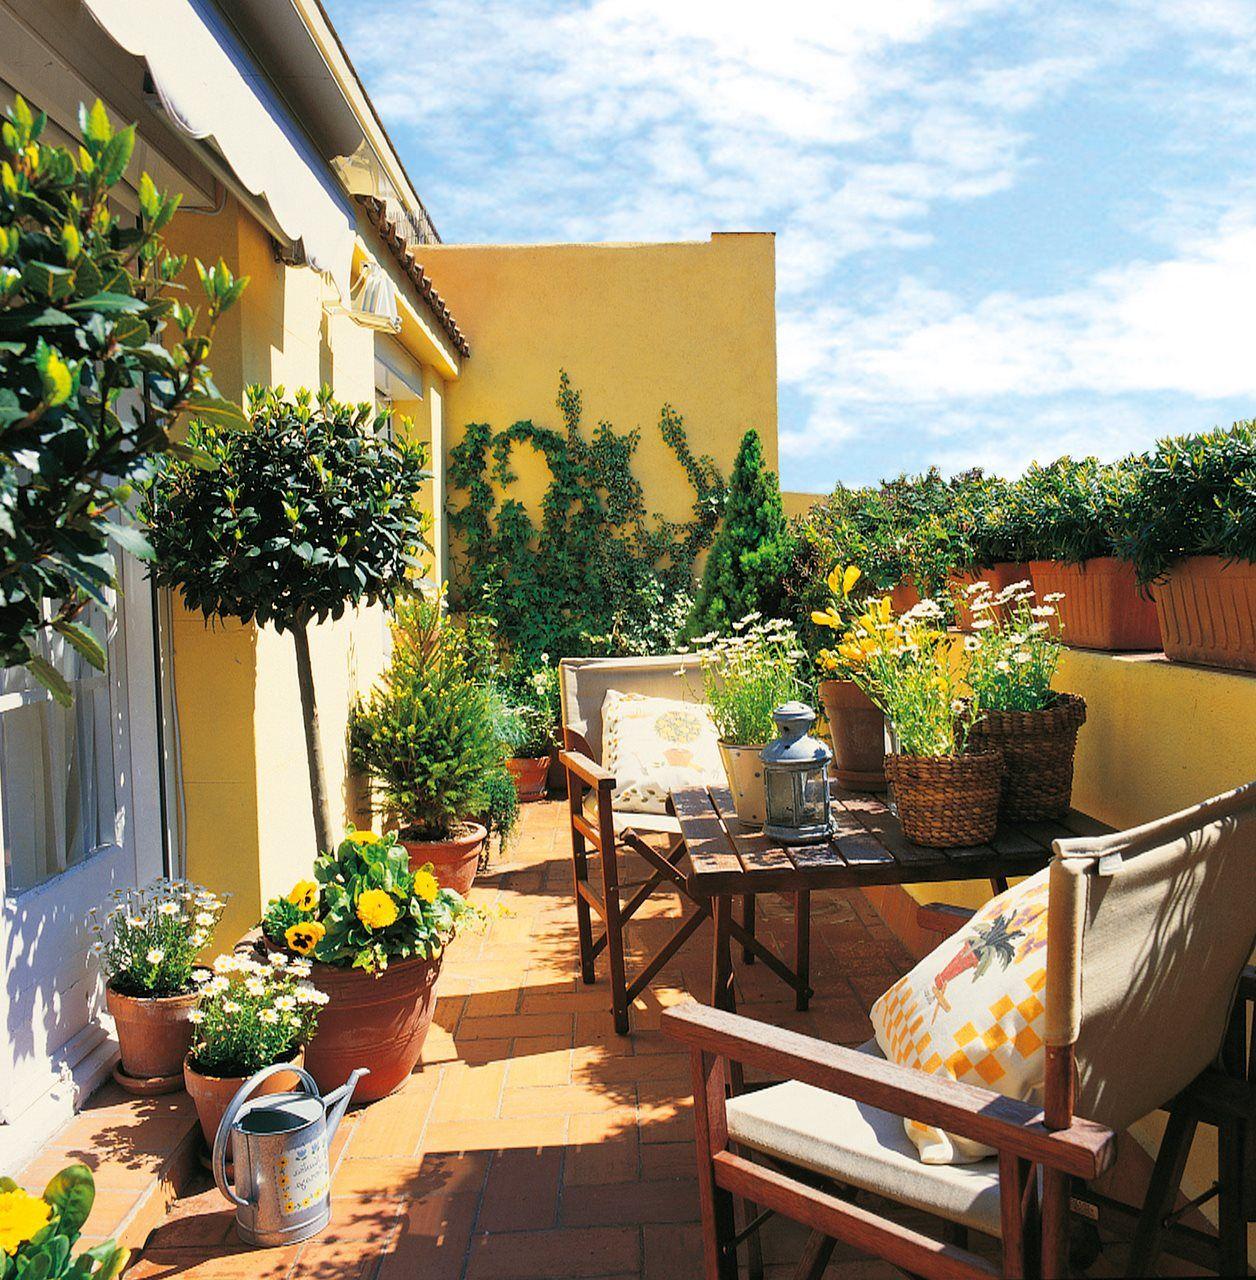 Terrazas de ciudad bien aprovechadas porchs patios - Casas bien decoradas ...